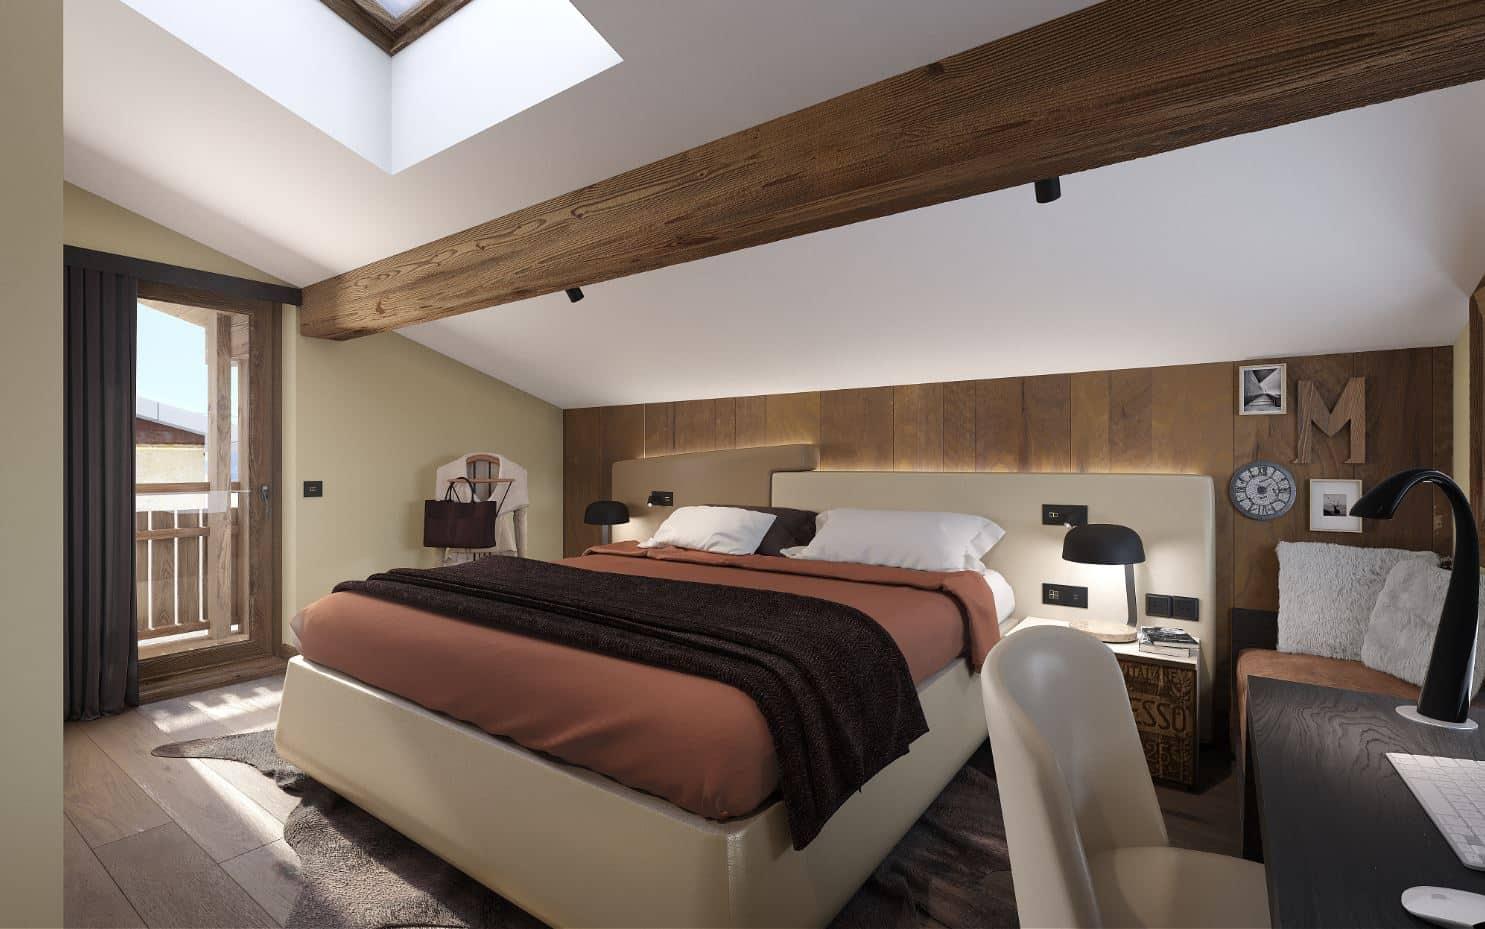 Agence Amevet - Architecte d'intérieur - appartement de prestige en montagne Megève